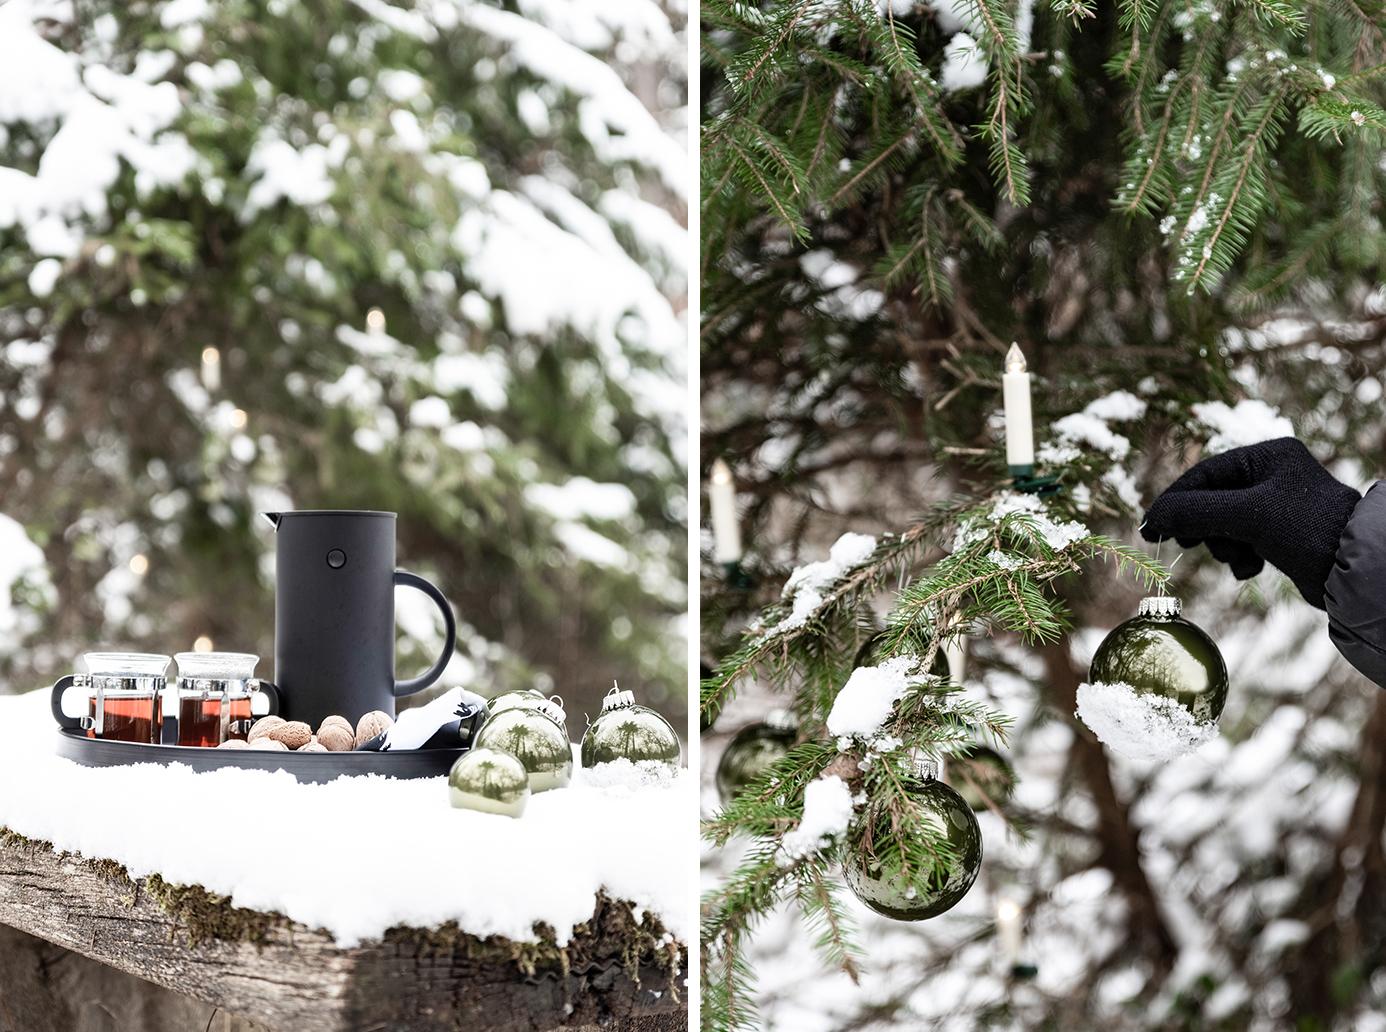 Einen Outdoorbaum mit Weihnachtskugeln schmücken.